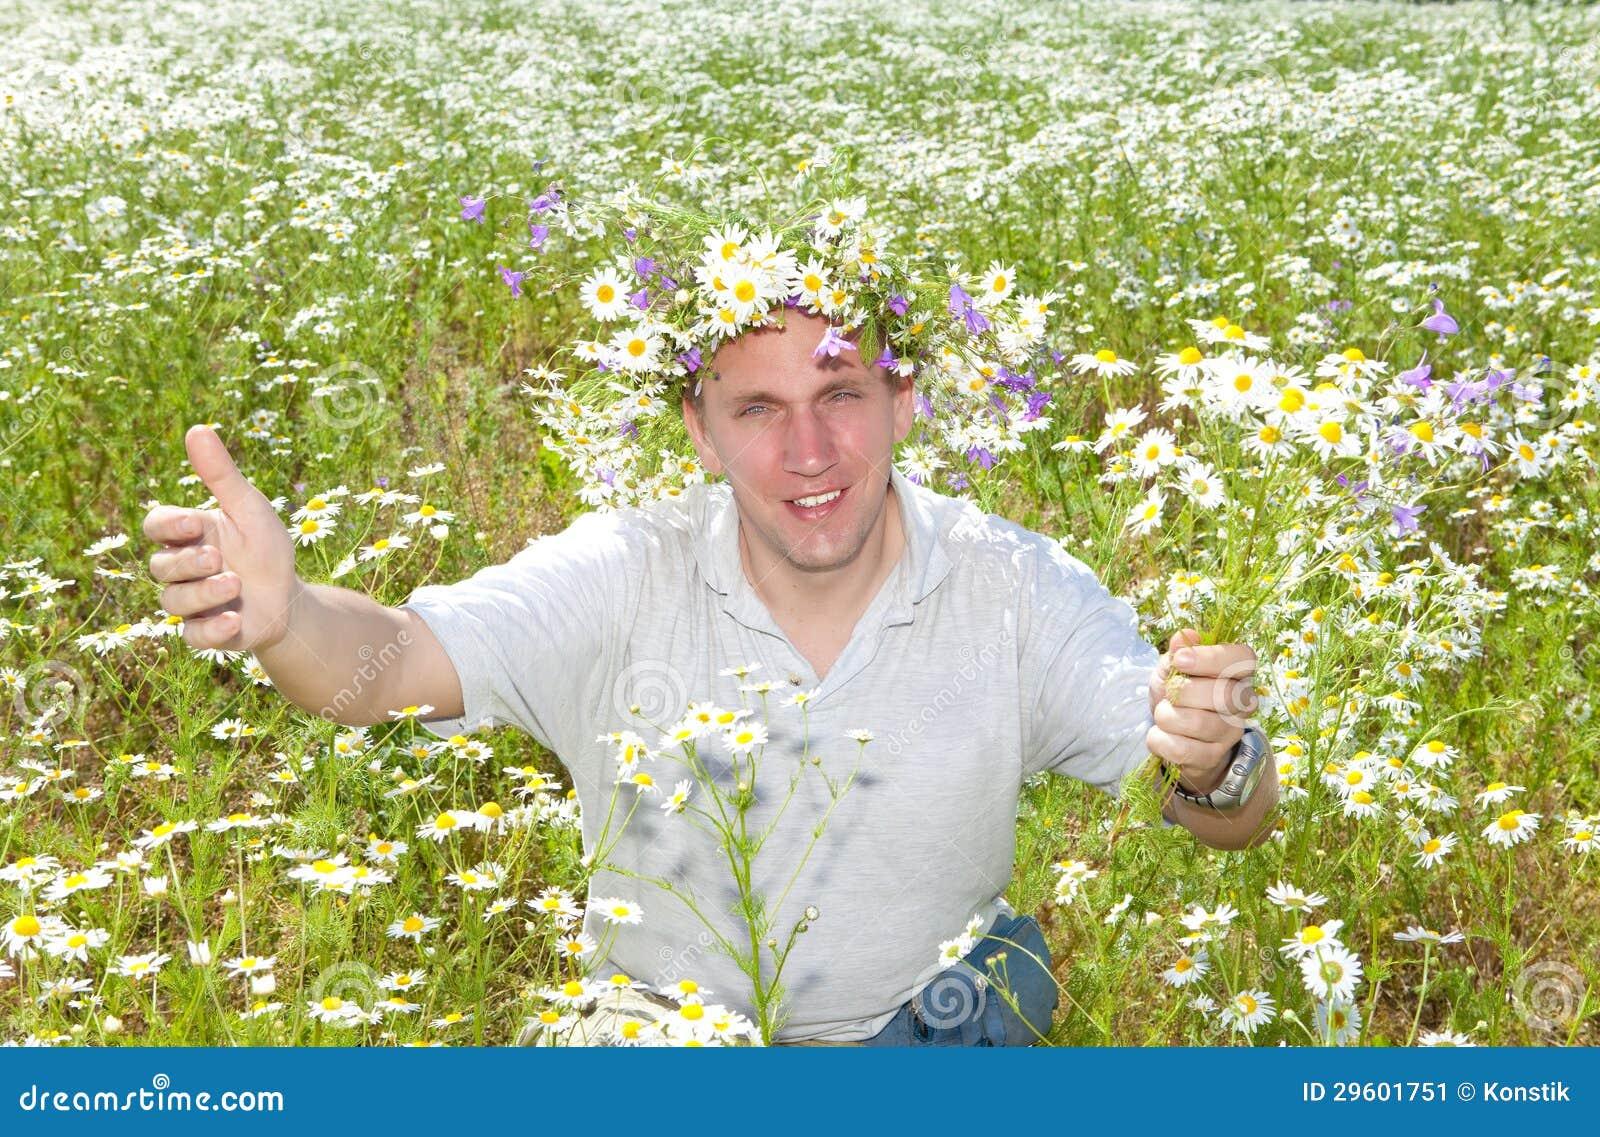 Мужик с ромашками картинки